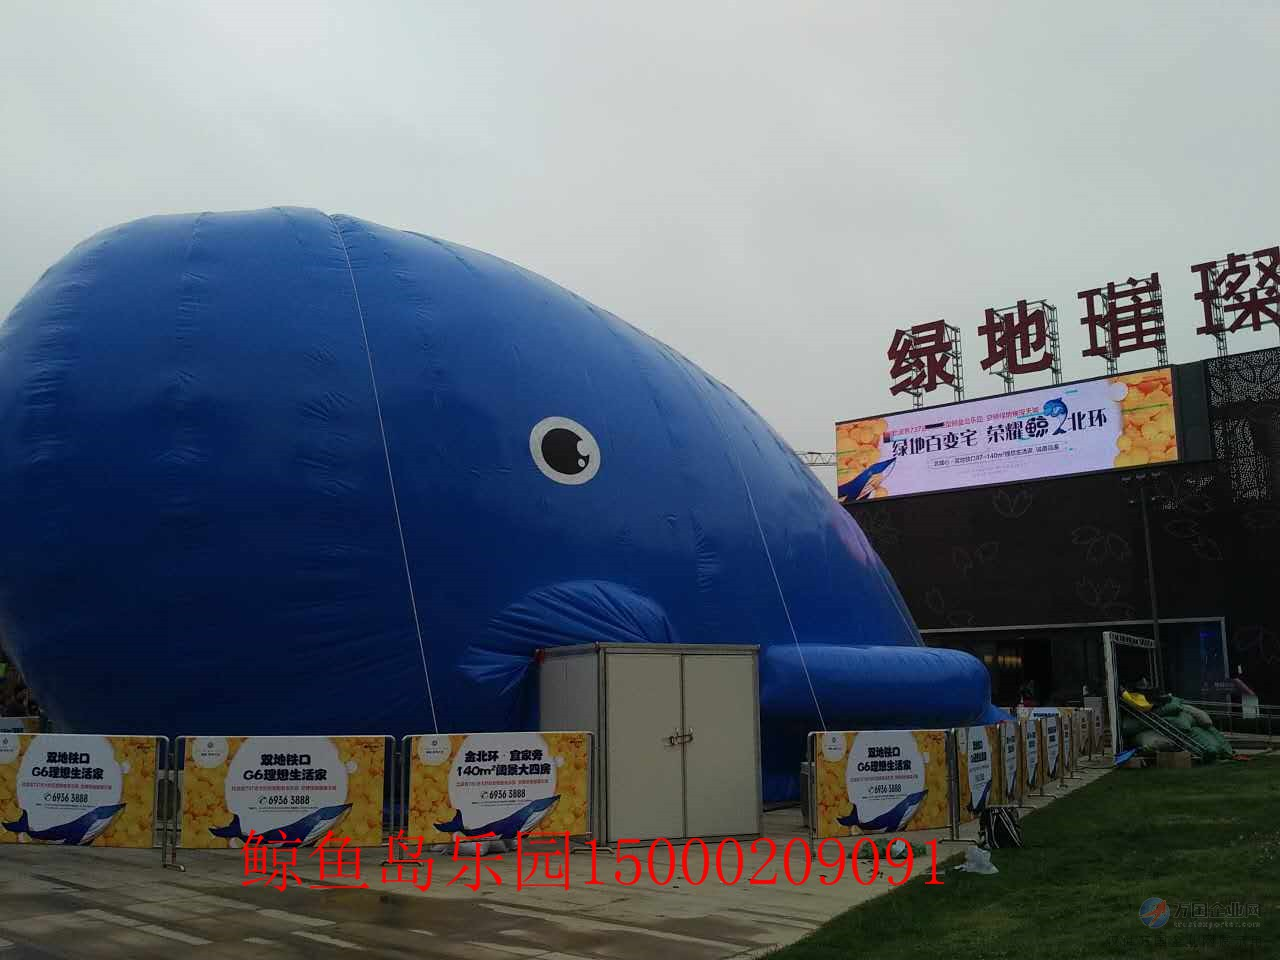 高端特色鲸鱼岛乐园出租大型蓝色充气鲸鱼岛乐园租赁